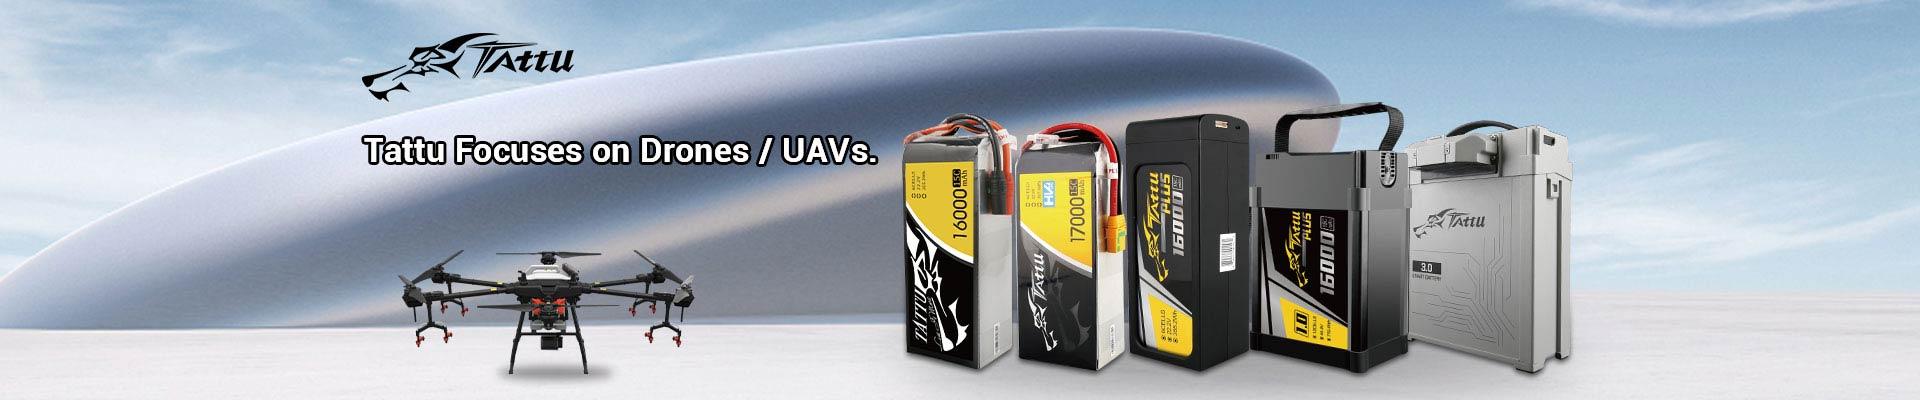 Tattu UAV battery